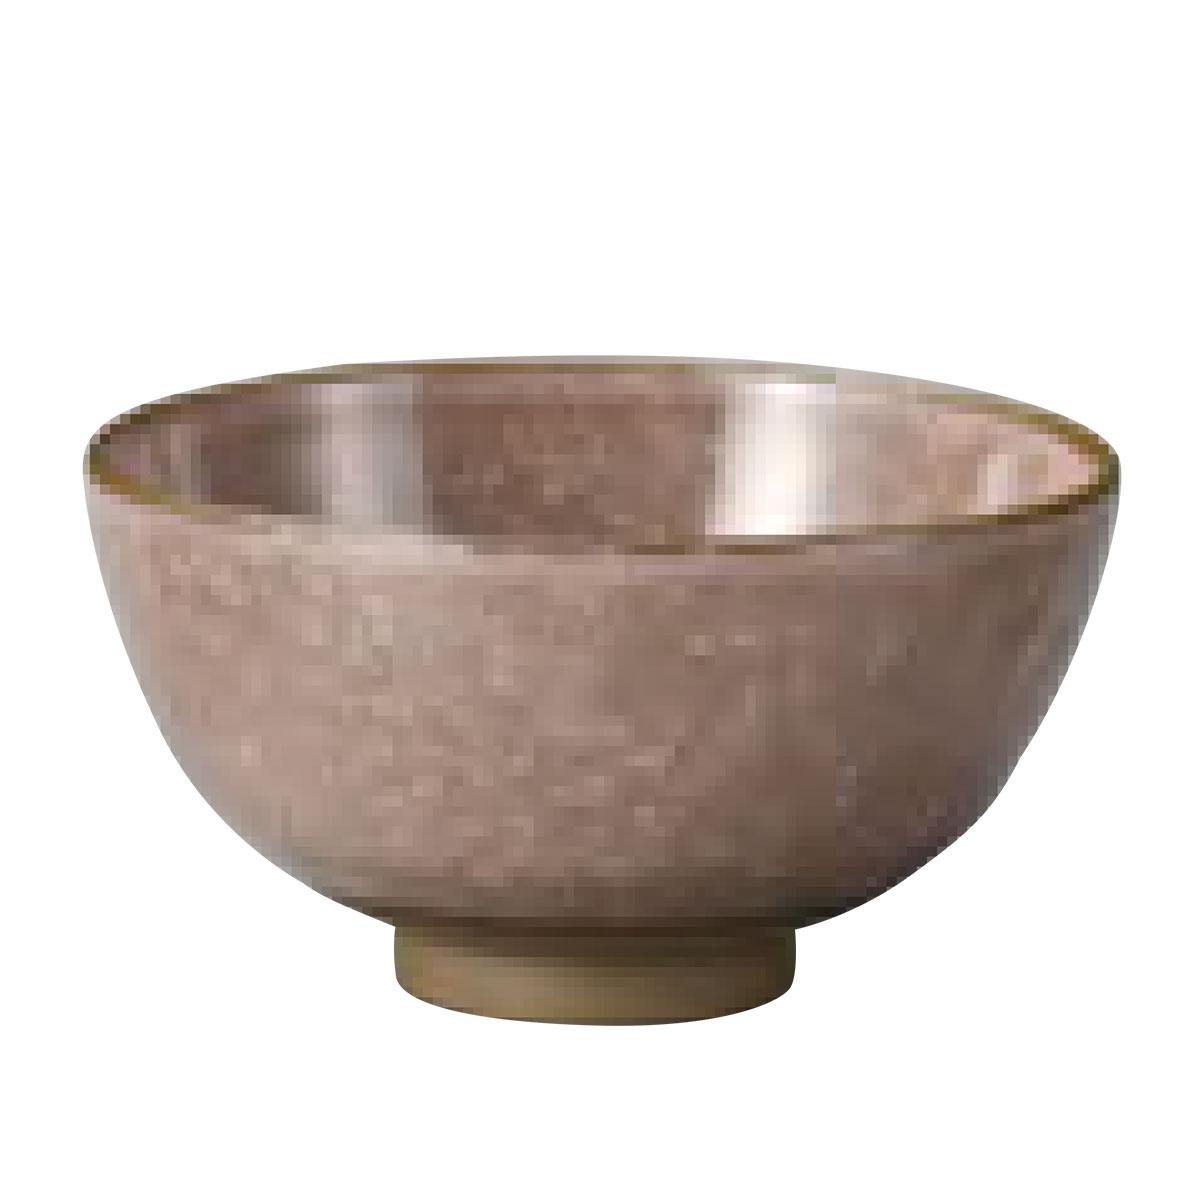 直営店 出群 お茶碗 和食器 おしゃれ カフェ グレー ピンク グリーン MJ05-103 M.STYLE 取り寄せ商品 日本製 桜 飯碗